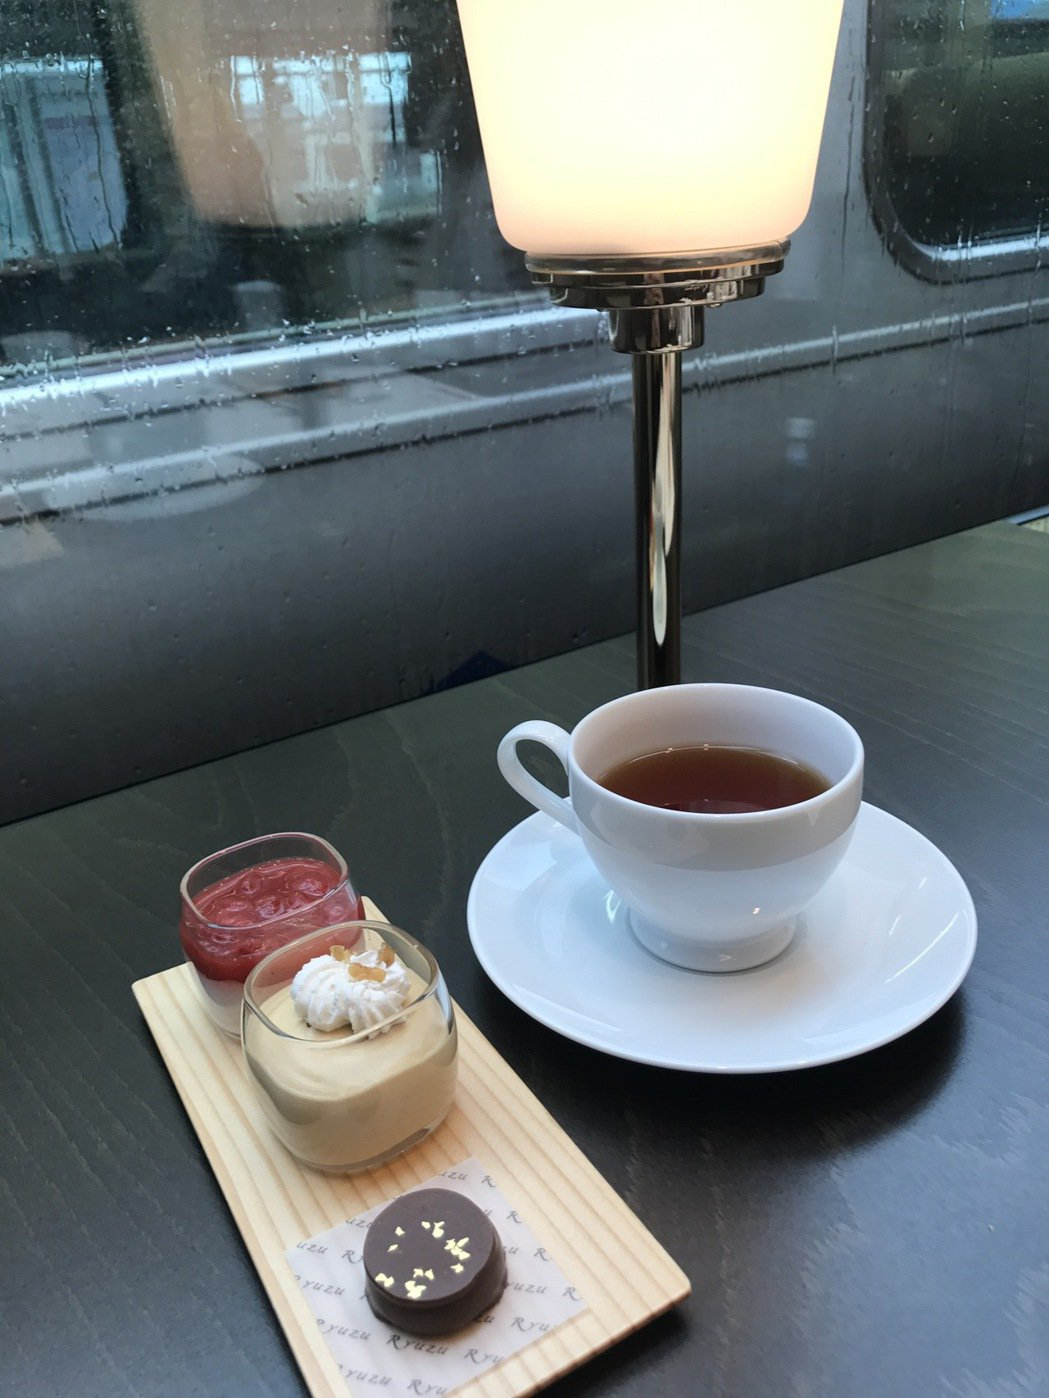 在日本搭乘許多特急列車,很多車輛都有咖啡座的設計,可以一邊享用咖啡,一邊欣賞窗外...